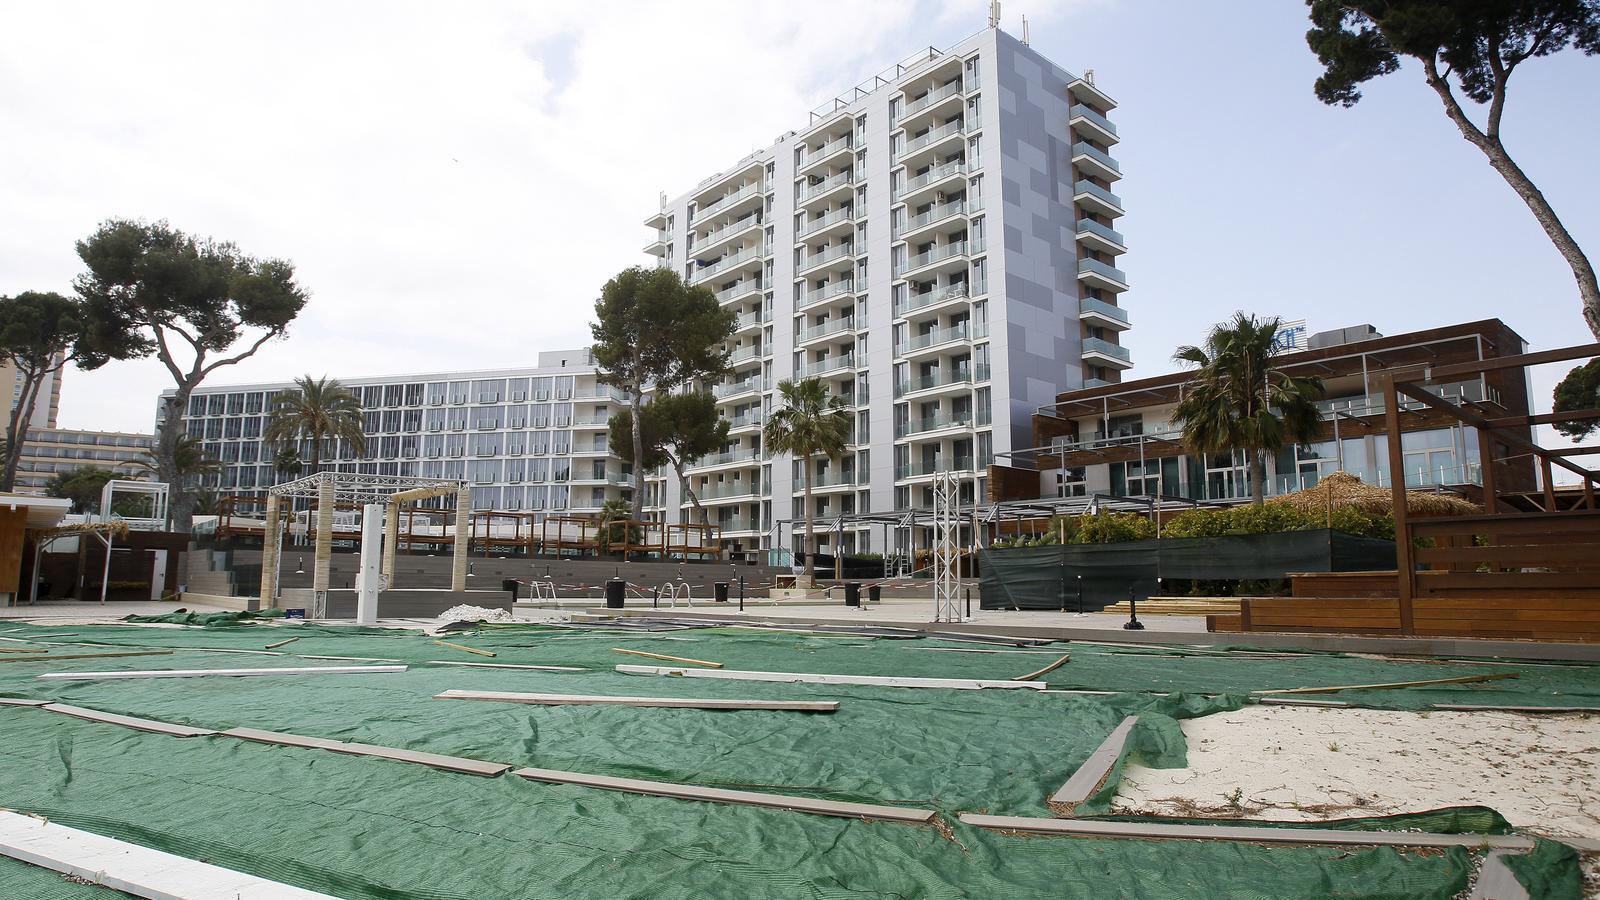 Els hotels podran augmentar la superfície fins a un 15% sense llicència